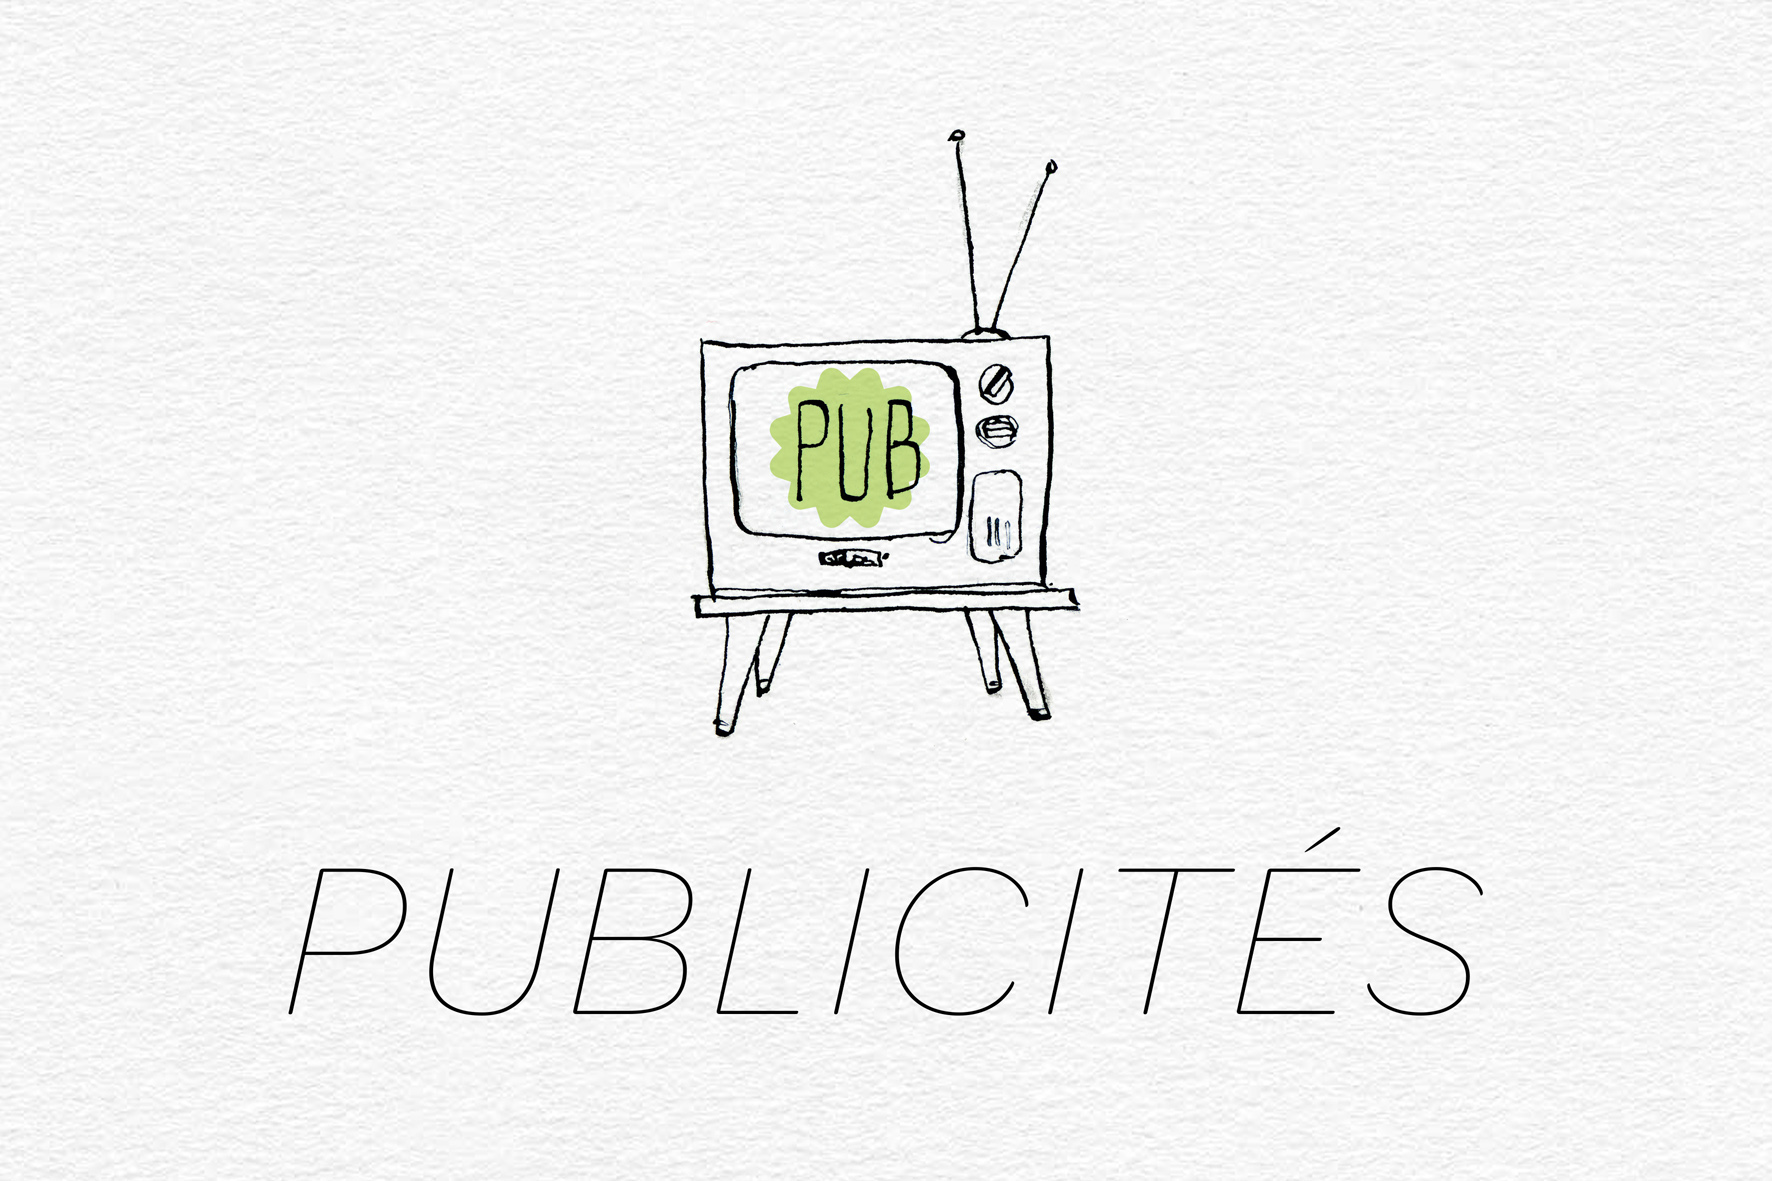 Maud_Pictos_Publicité#01